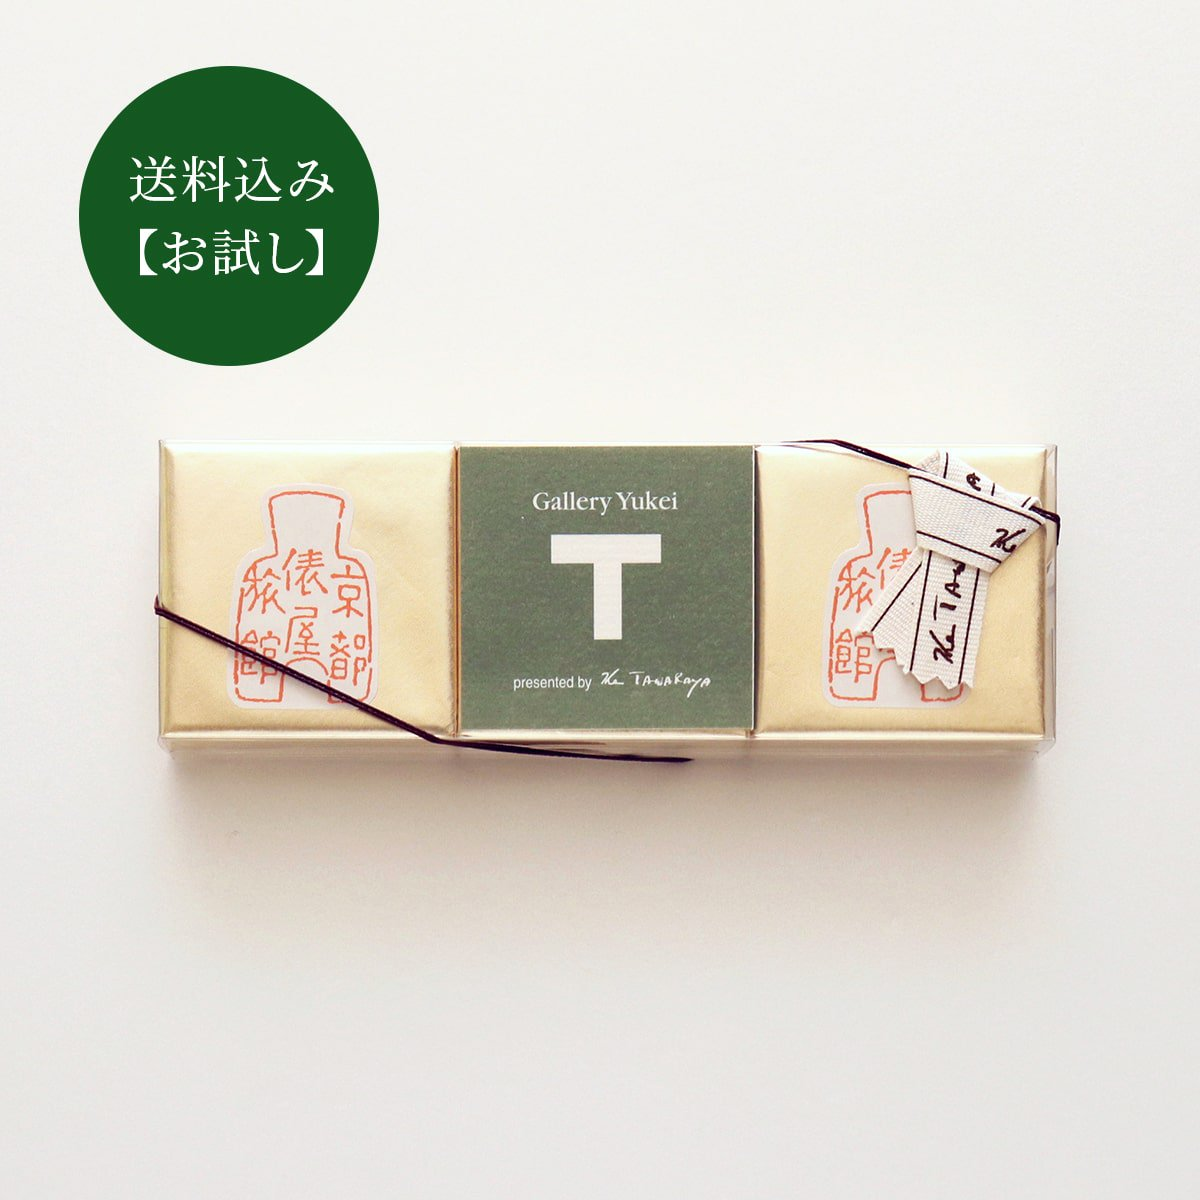 【お試し】石鹸3個入※1箱限定送料込み